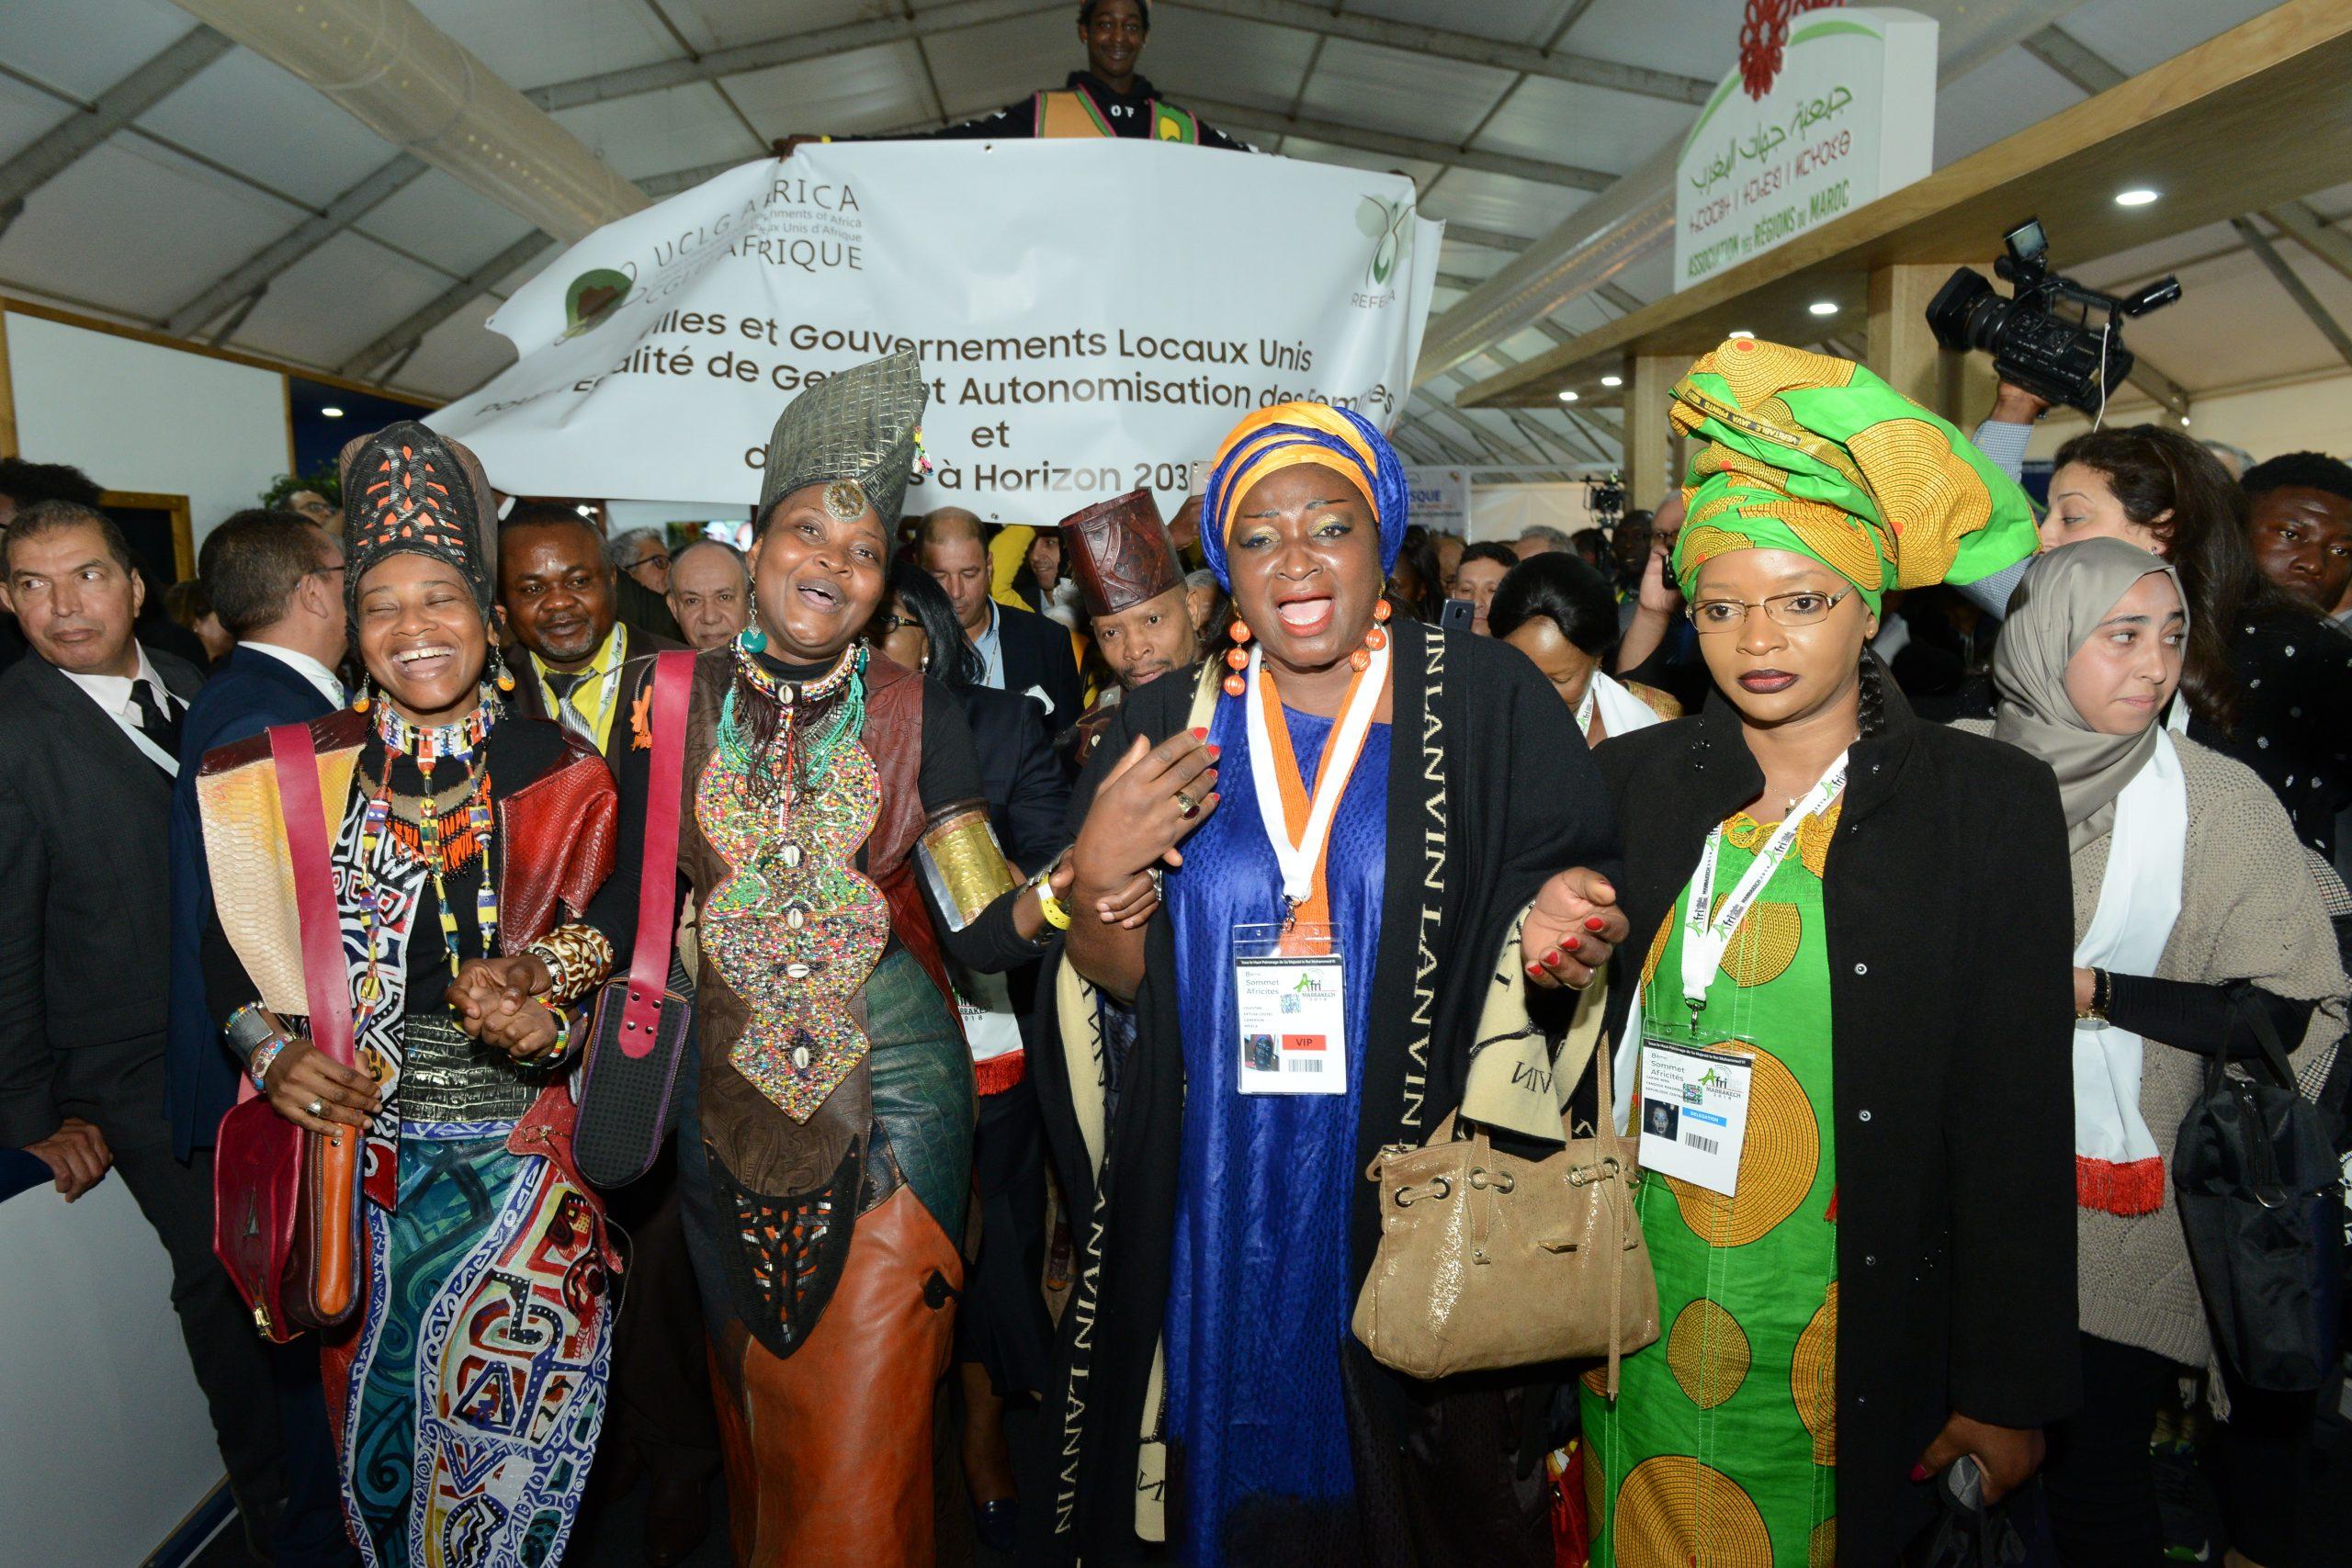 """صورة قمة أفريسيتي 2018: مراكش تتوفر على مؤهلات عاصمة """"الثقافة الإفريقية"""""""